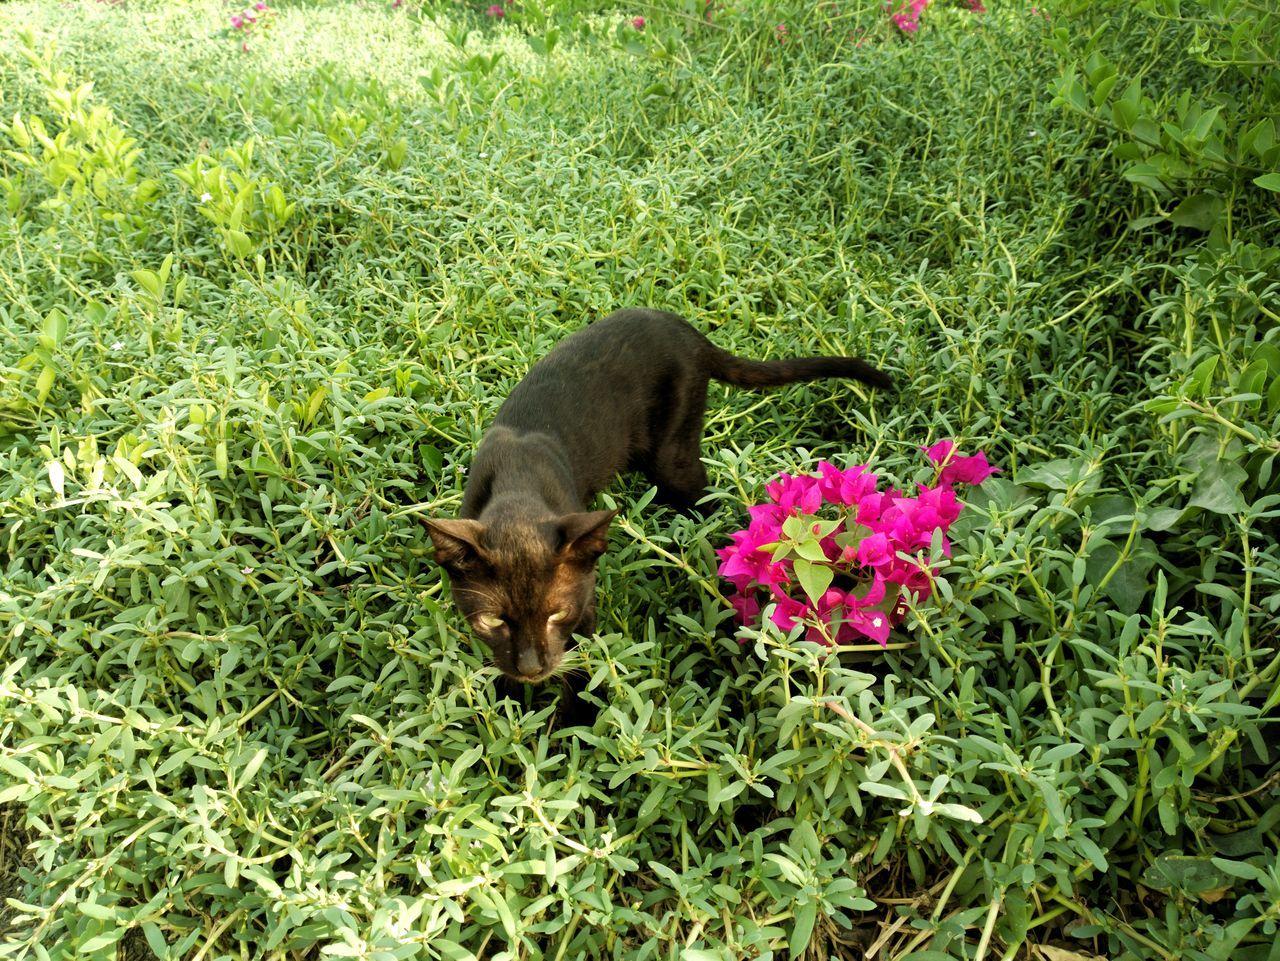 BLackCat Animals In The Wild TheWeekOnEyeEM Grass